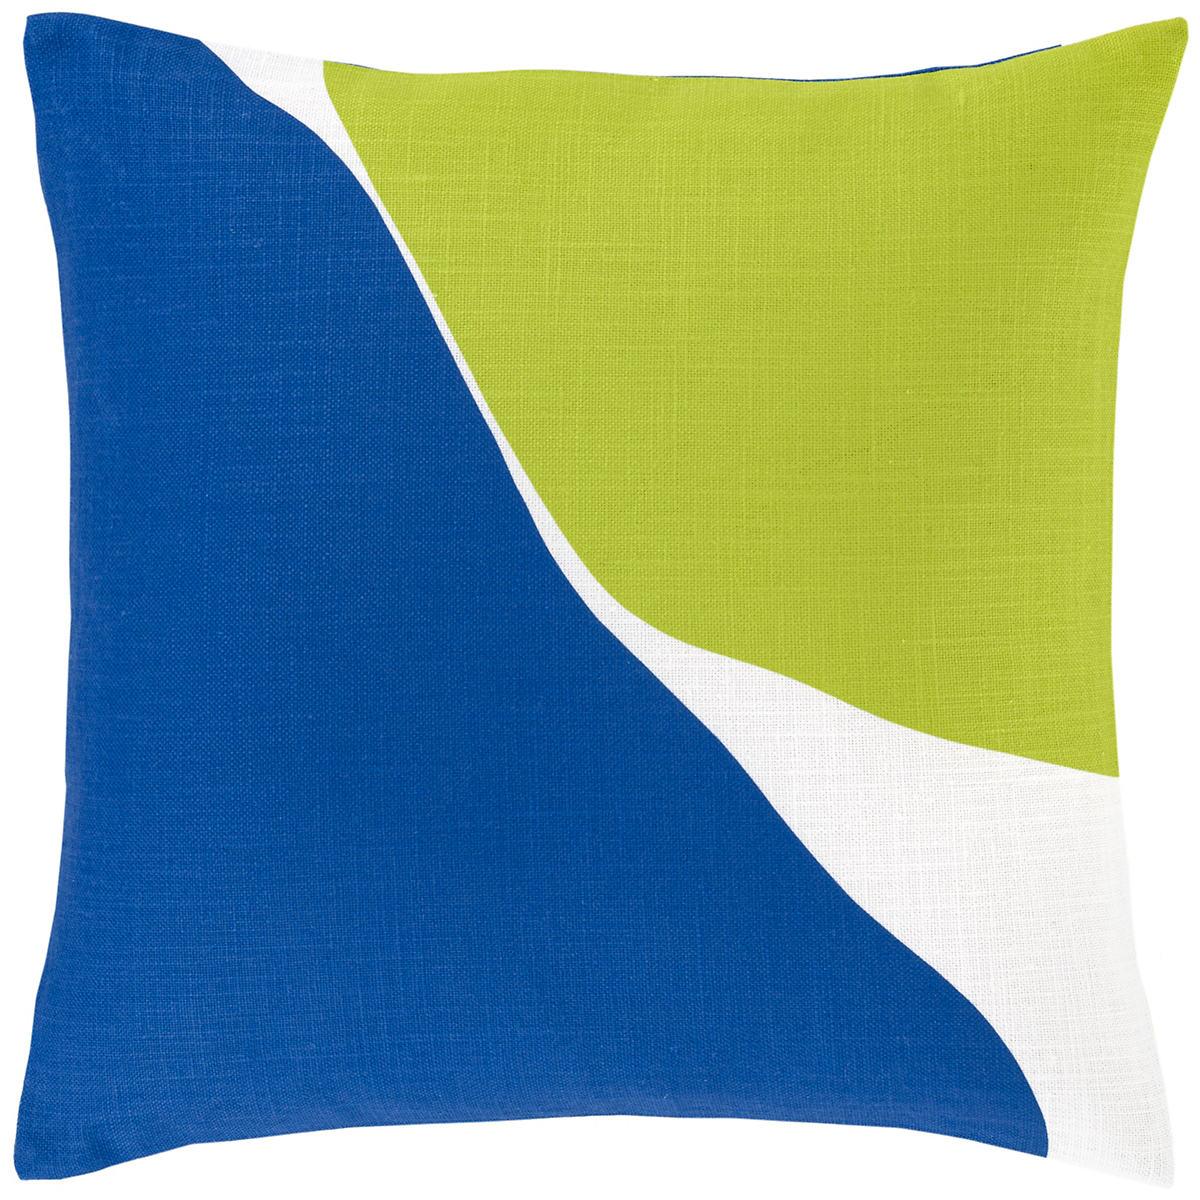 Boulders Indoor/Outdoor Decorative Pillow